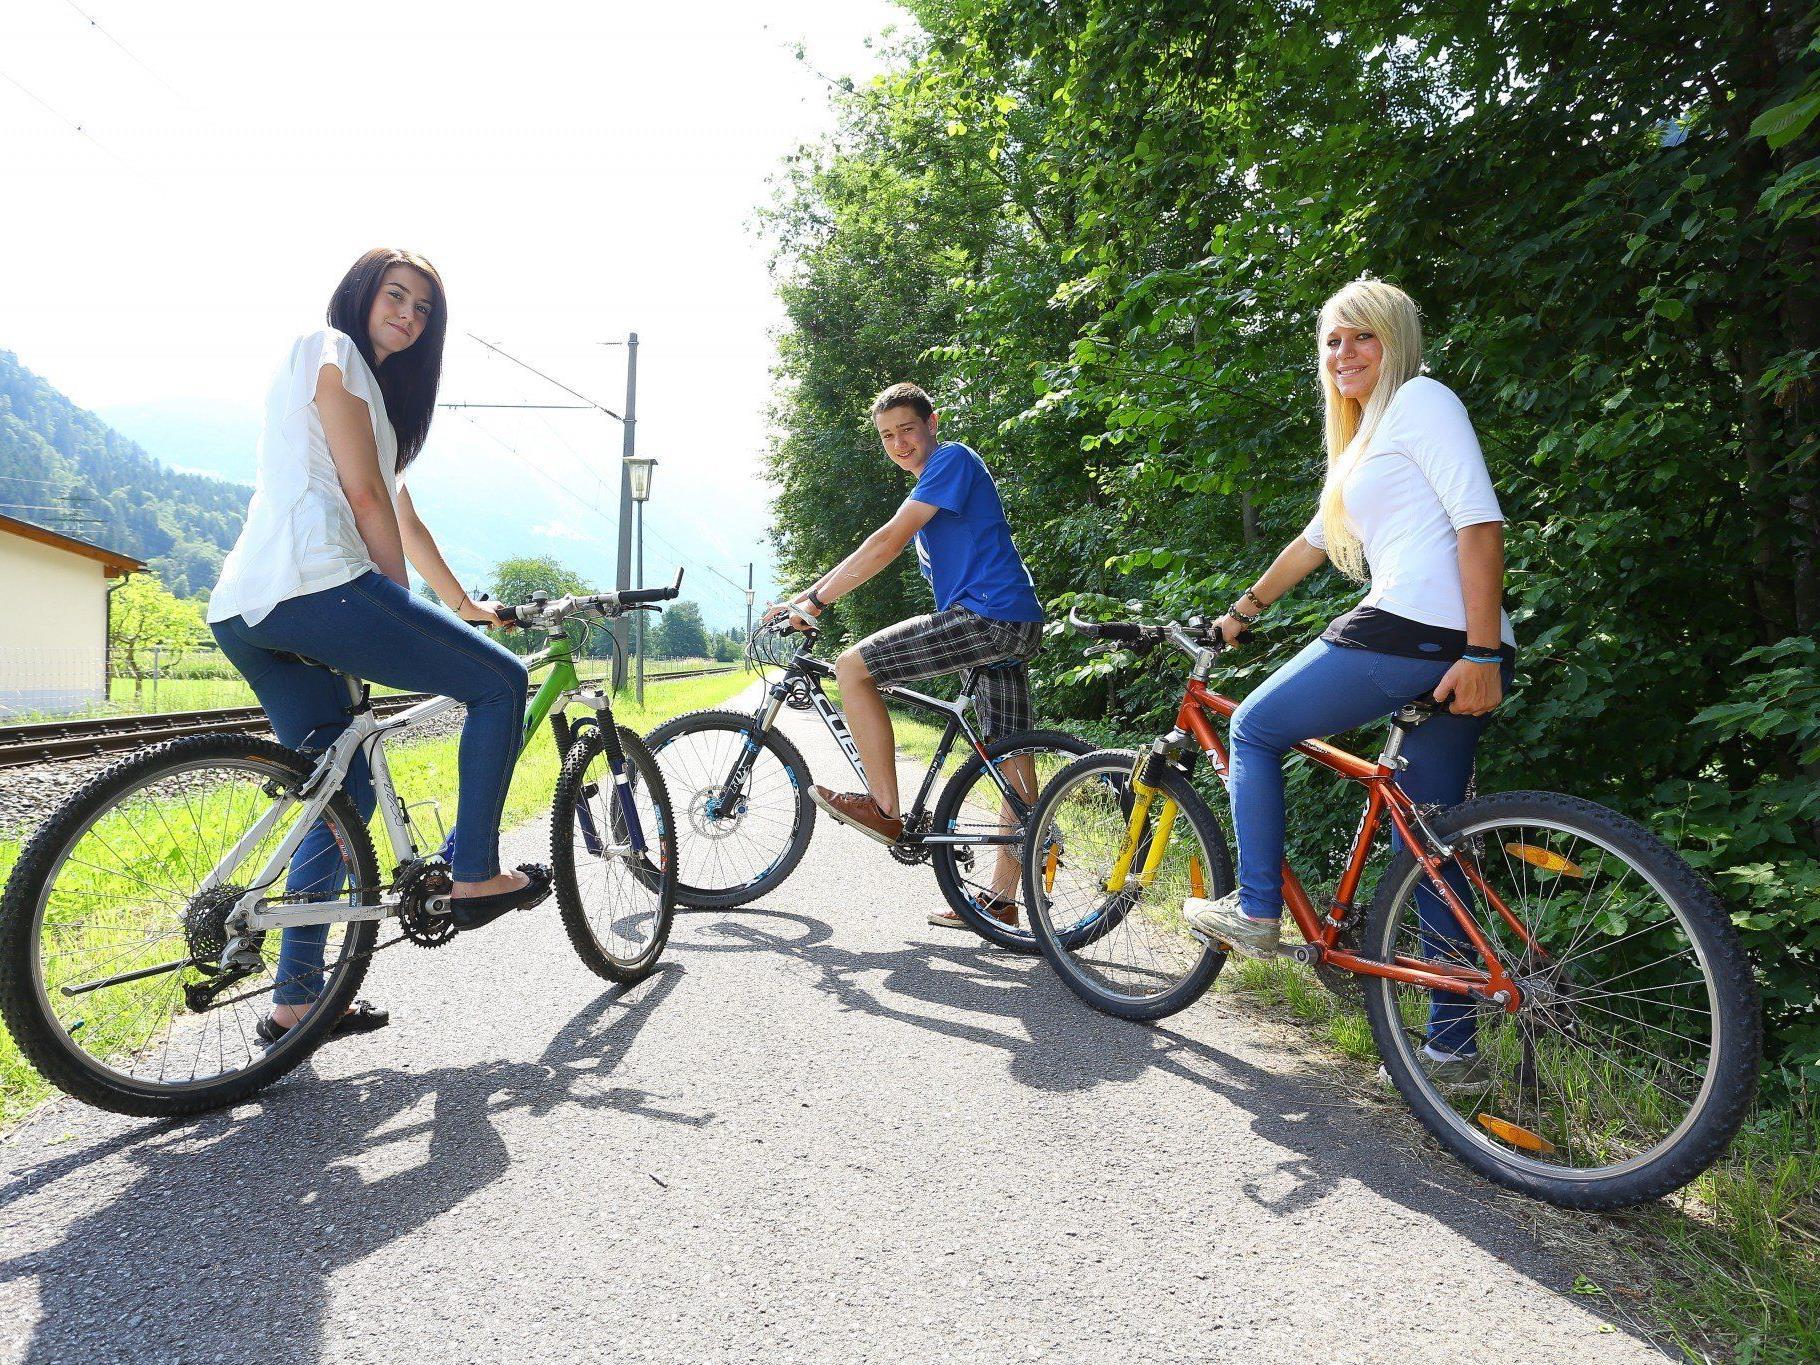 Radfahren geht im Ländle am Besten - sagen die Radfahrer.